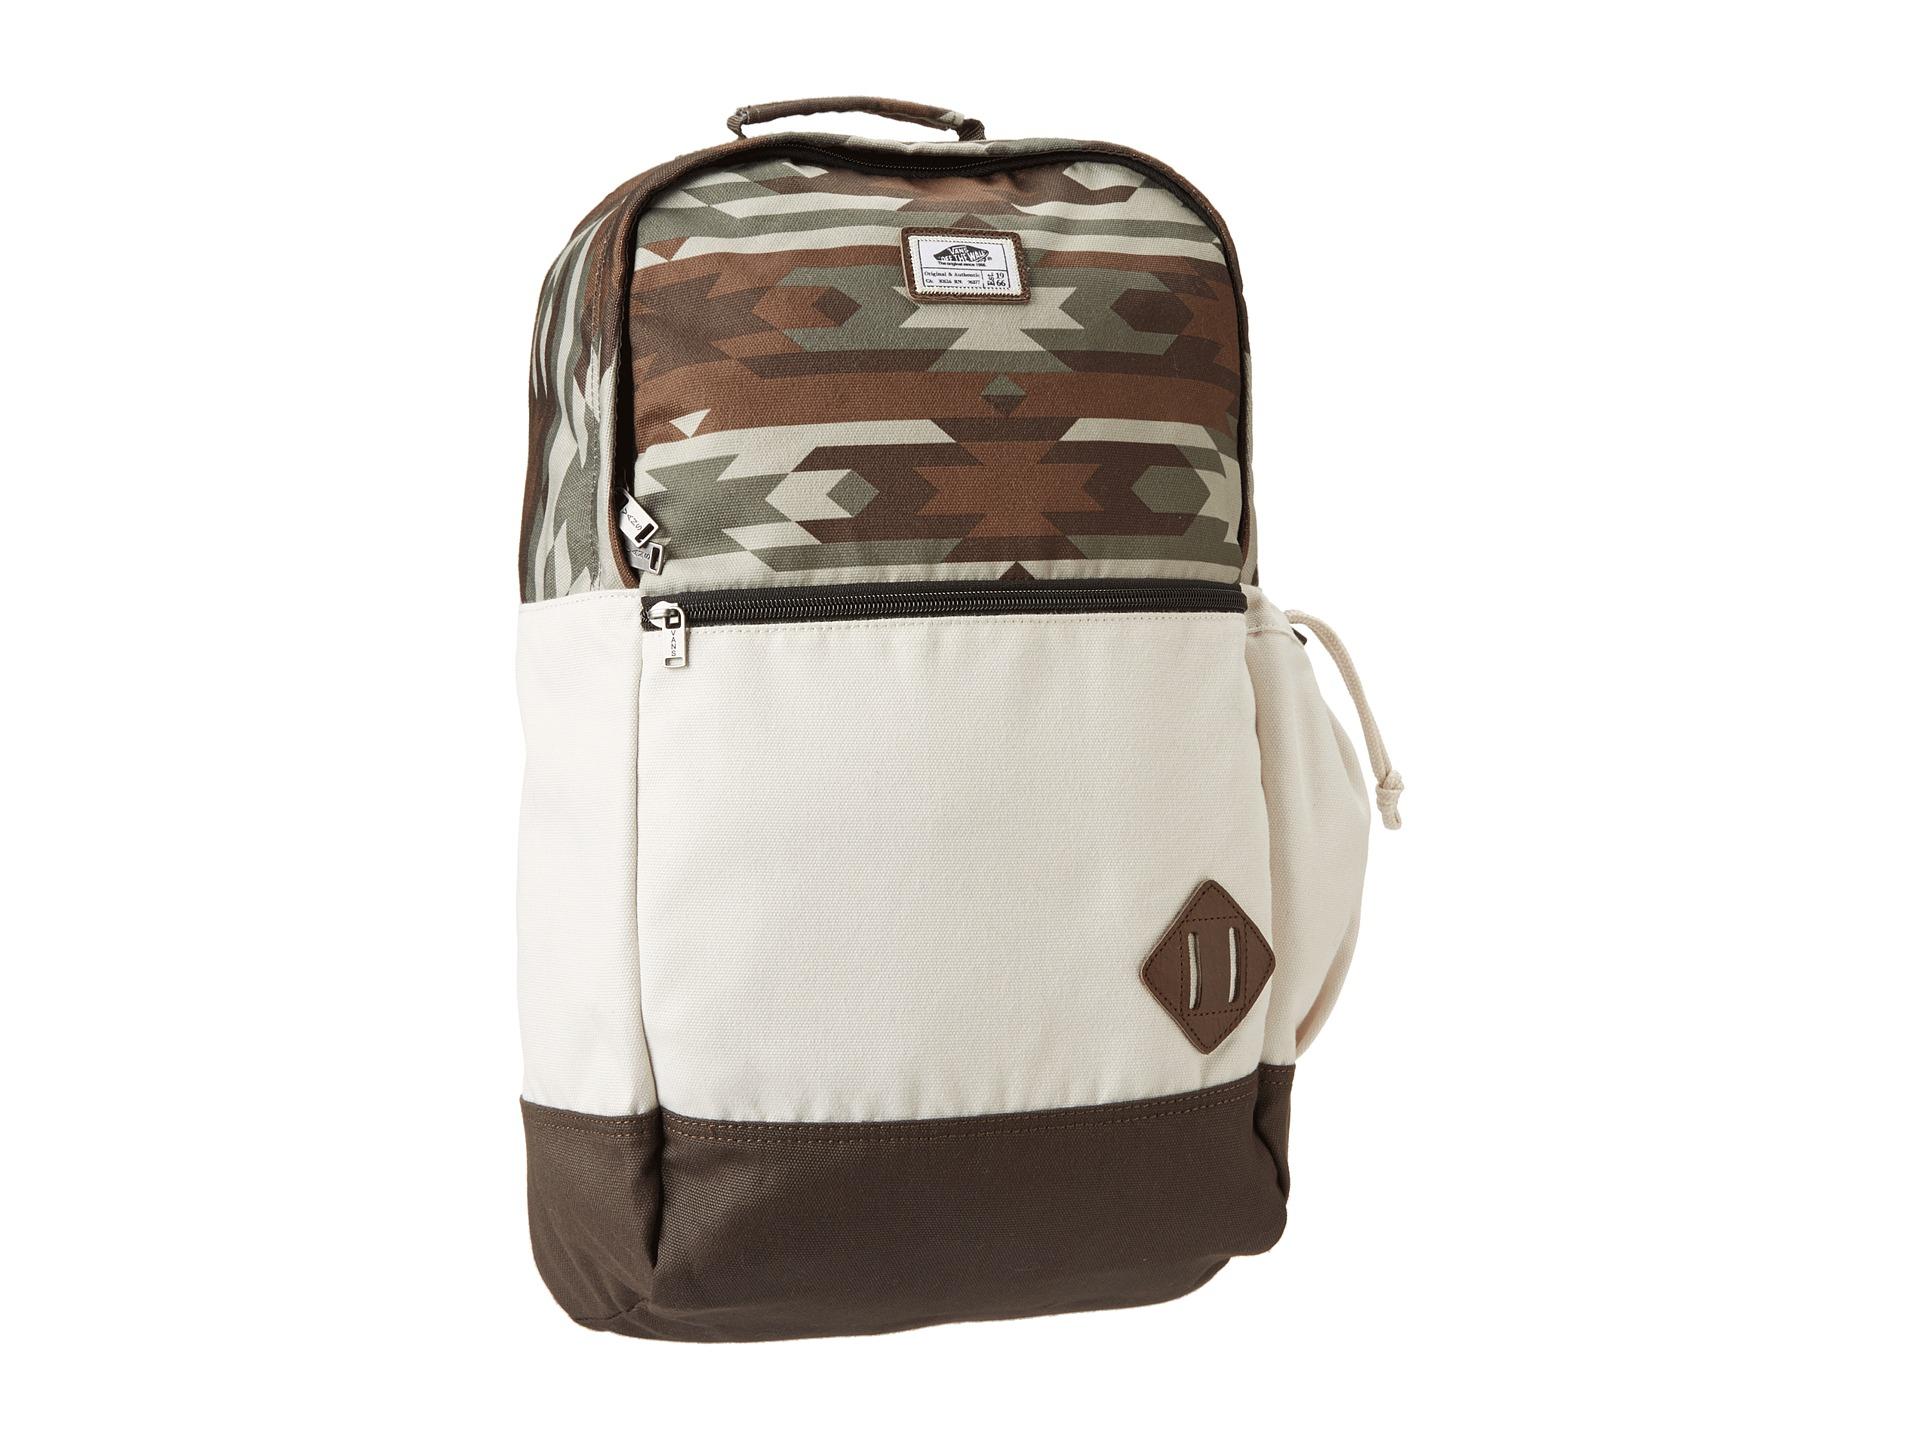 8ee090934e Vans Van Doren Ii Backpack in Brown for Men - Lyst